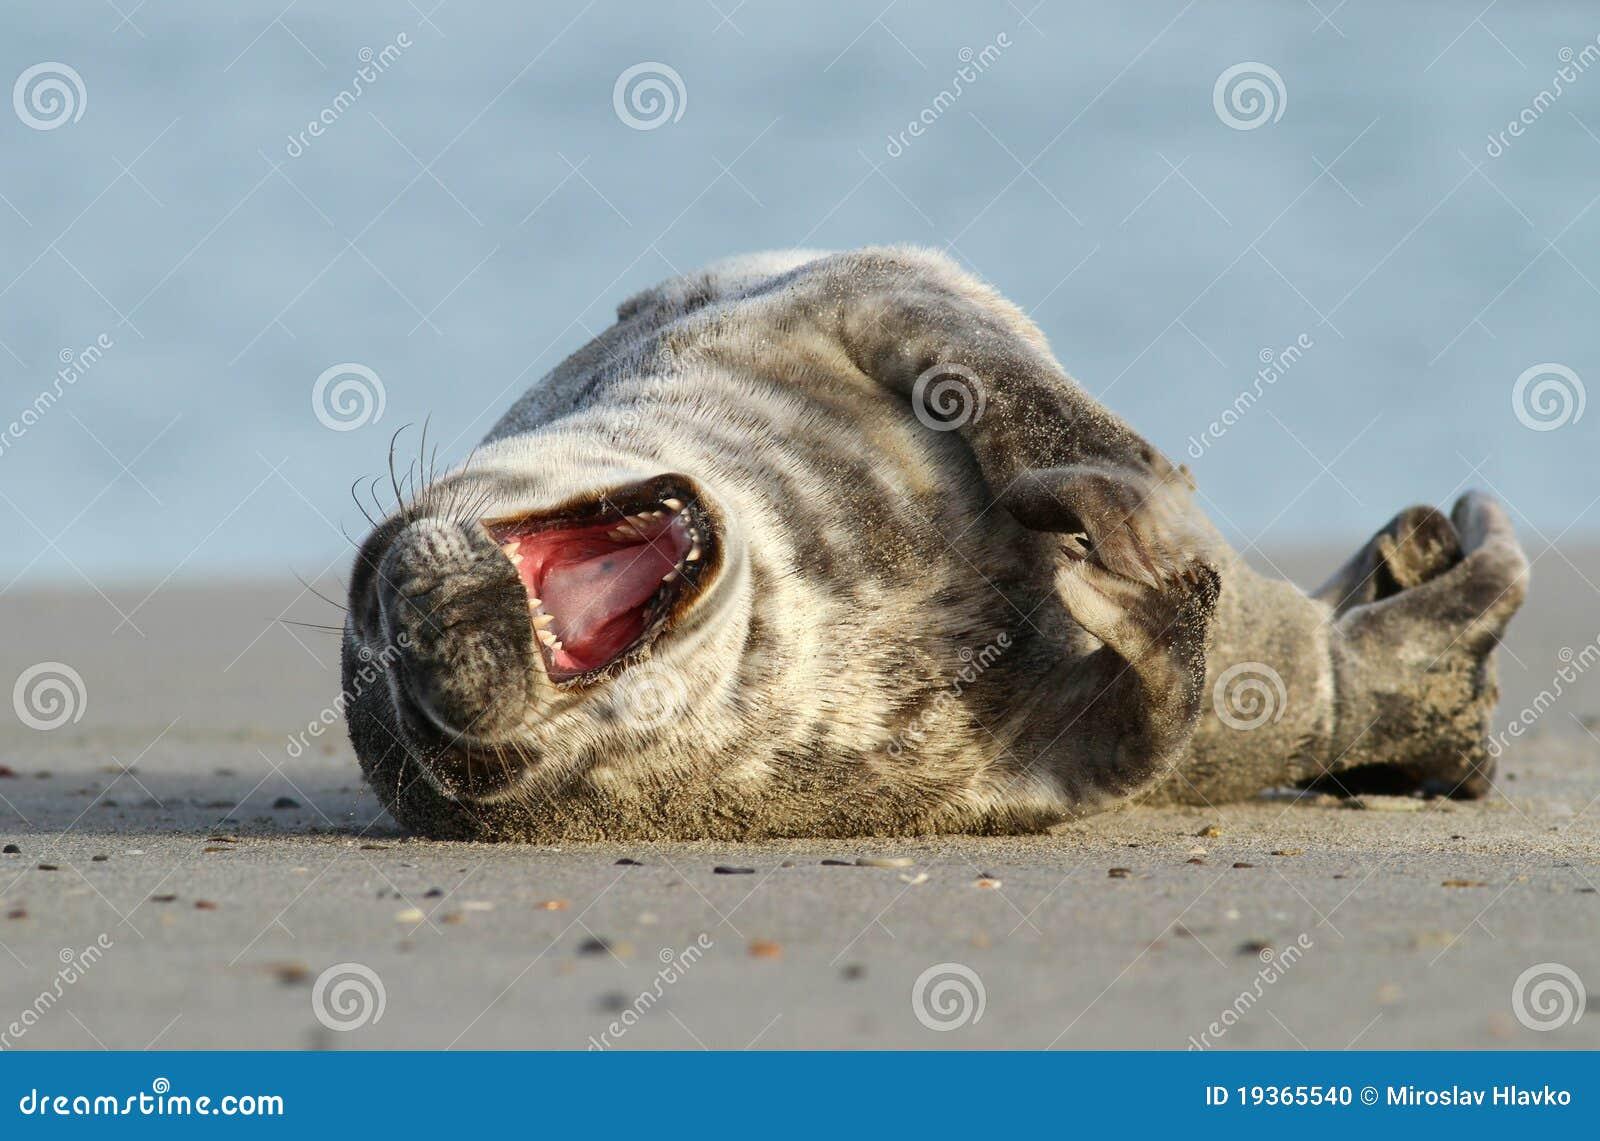 Seal yawning